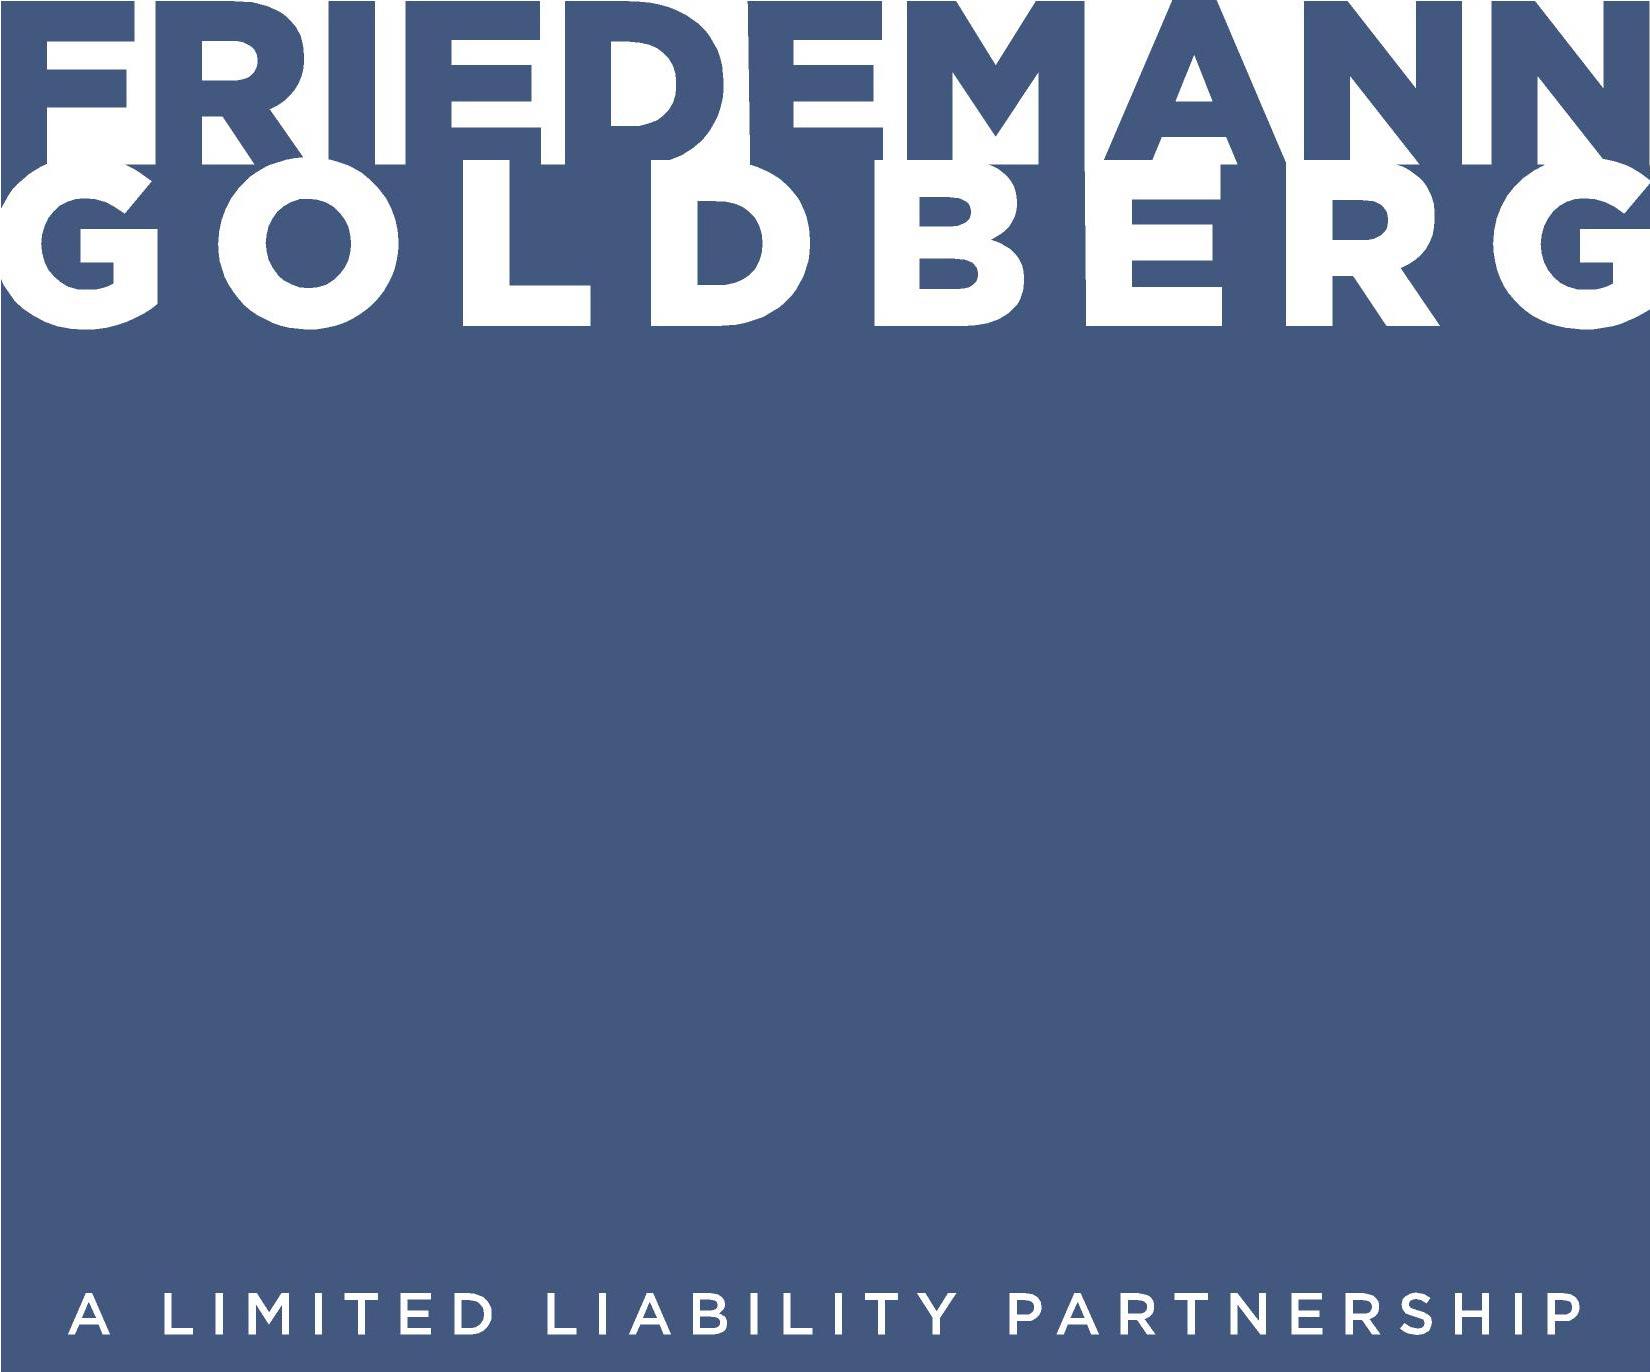 FriedemannGoldberg Logo.jpg